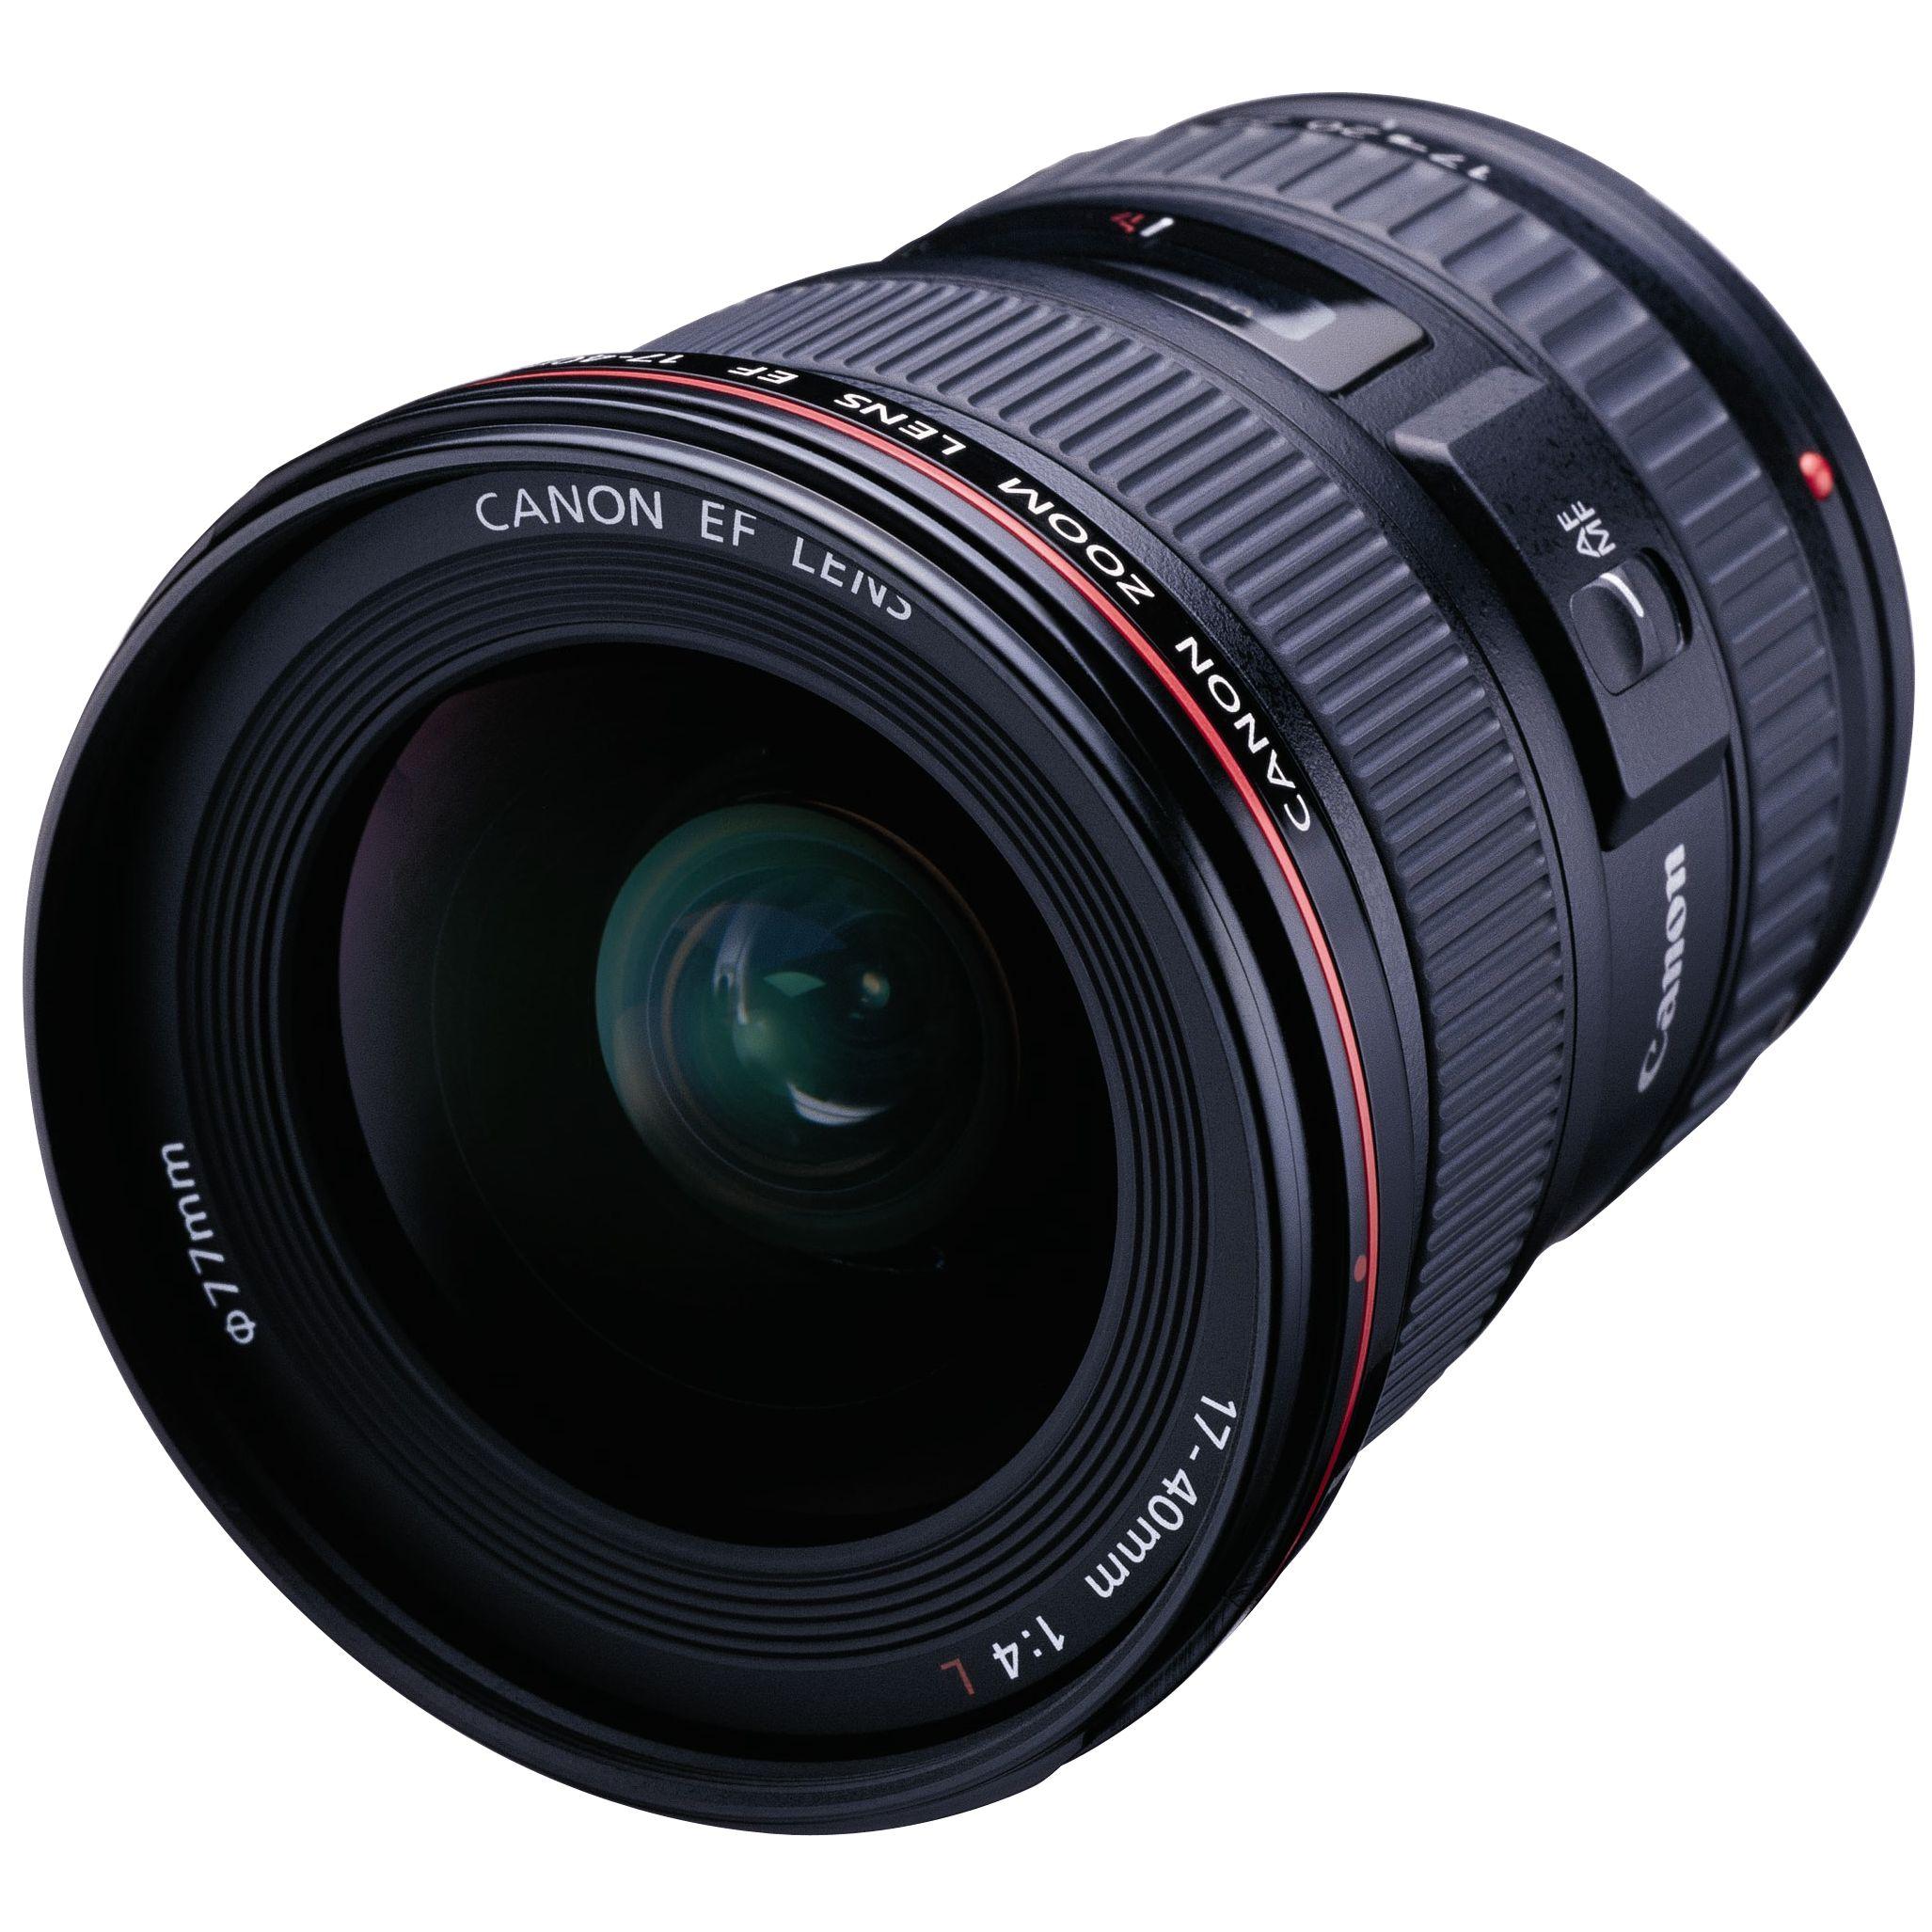 Canon EF 17-40mm f/4.0L USM Lens at John Lewis